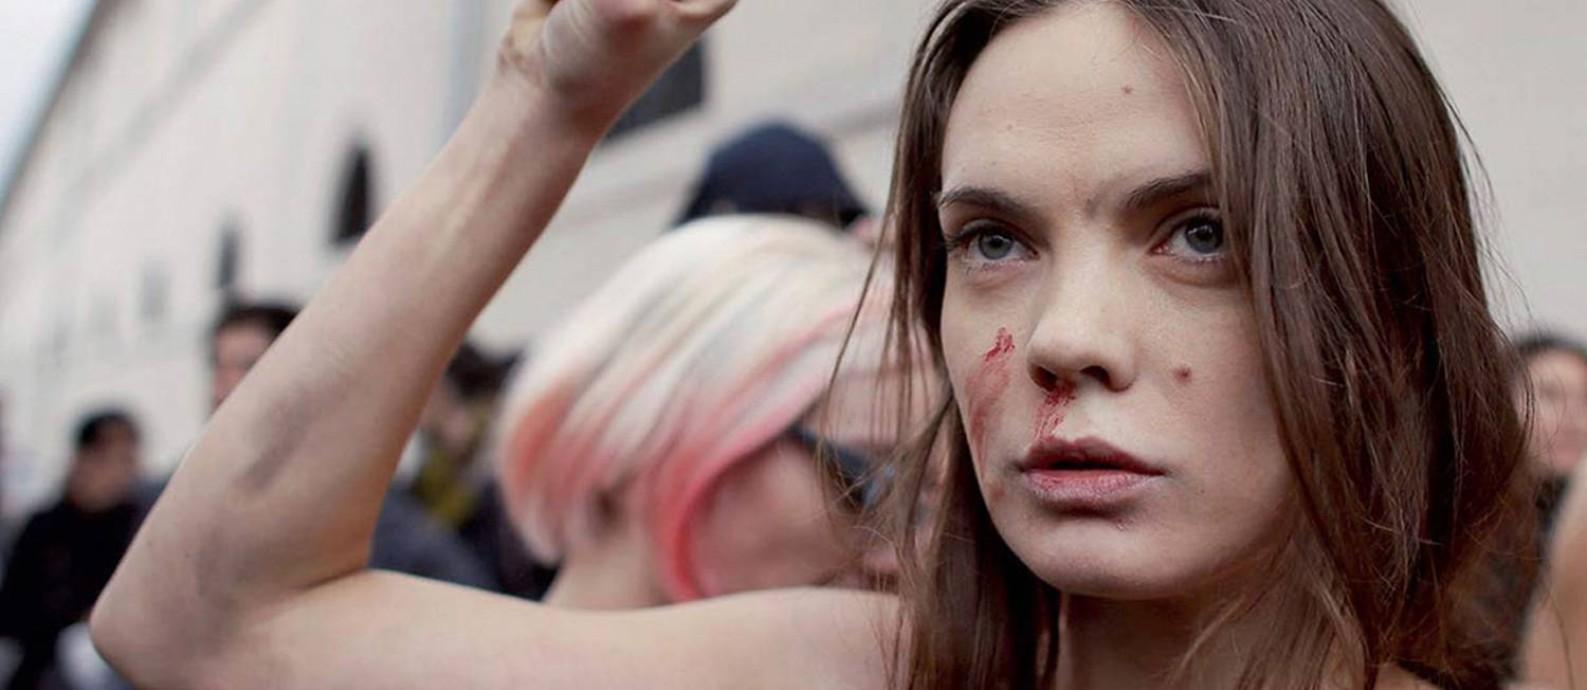 A ativista Oksana Chatchko durante manifestação em Paris, em defesa do casamento de pessoas do mesmo sexo Foto: Trubouillard / AFP